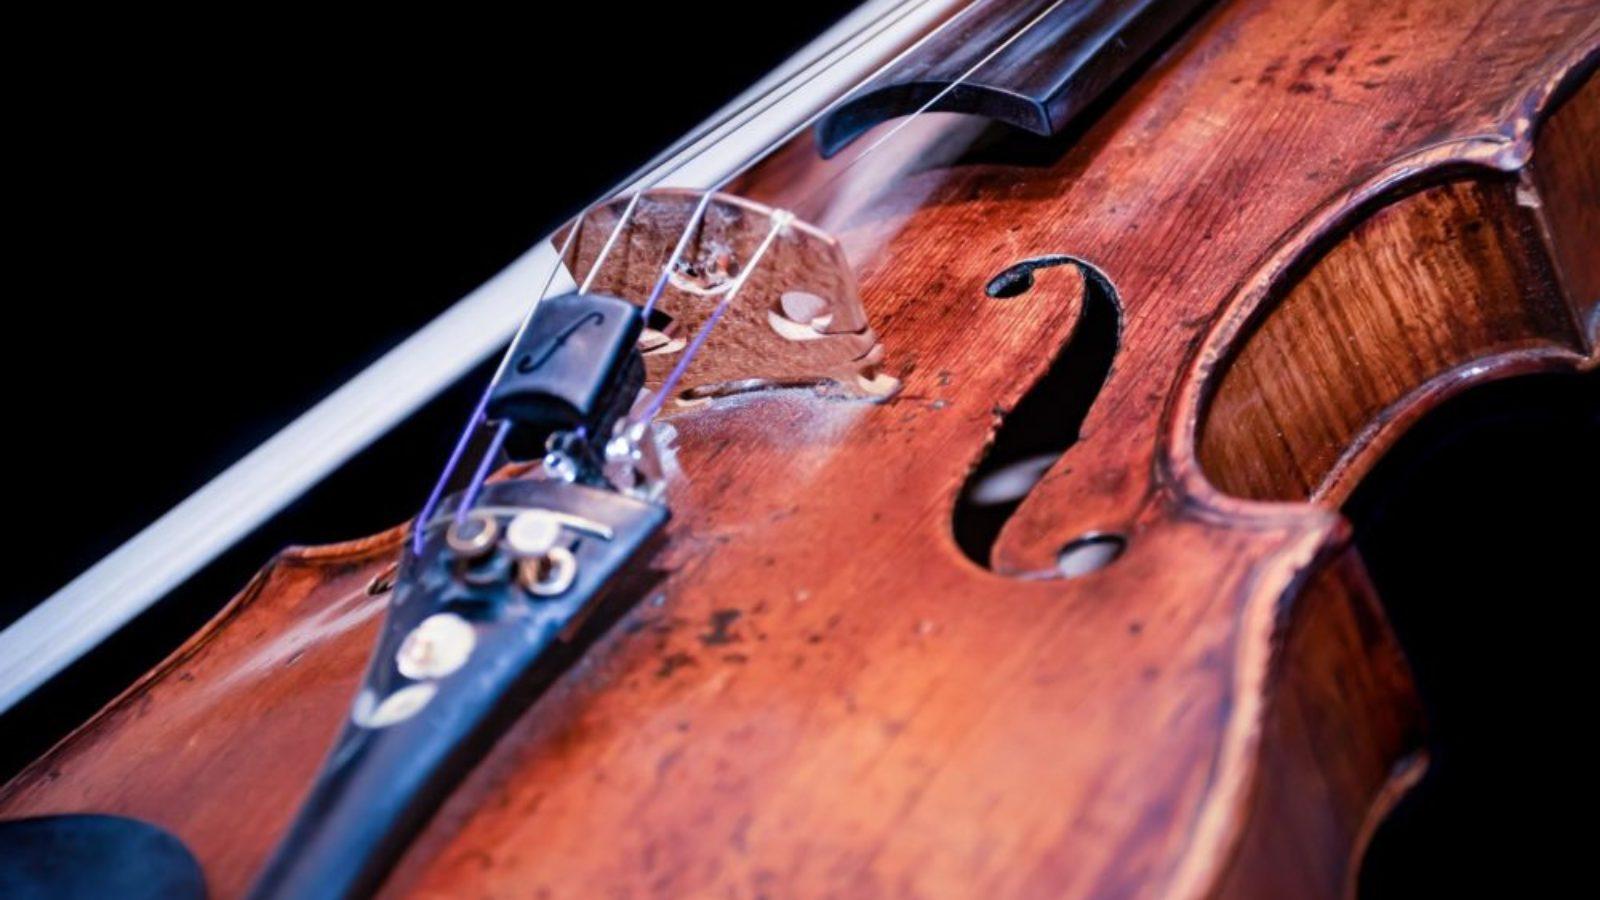 ヴァイオリンの弓の毛替え、時期やタイミングはどのくらい?交換にかかる値段も解説します